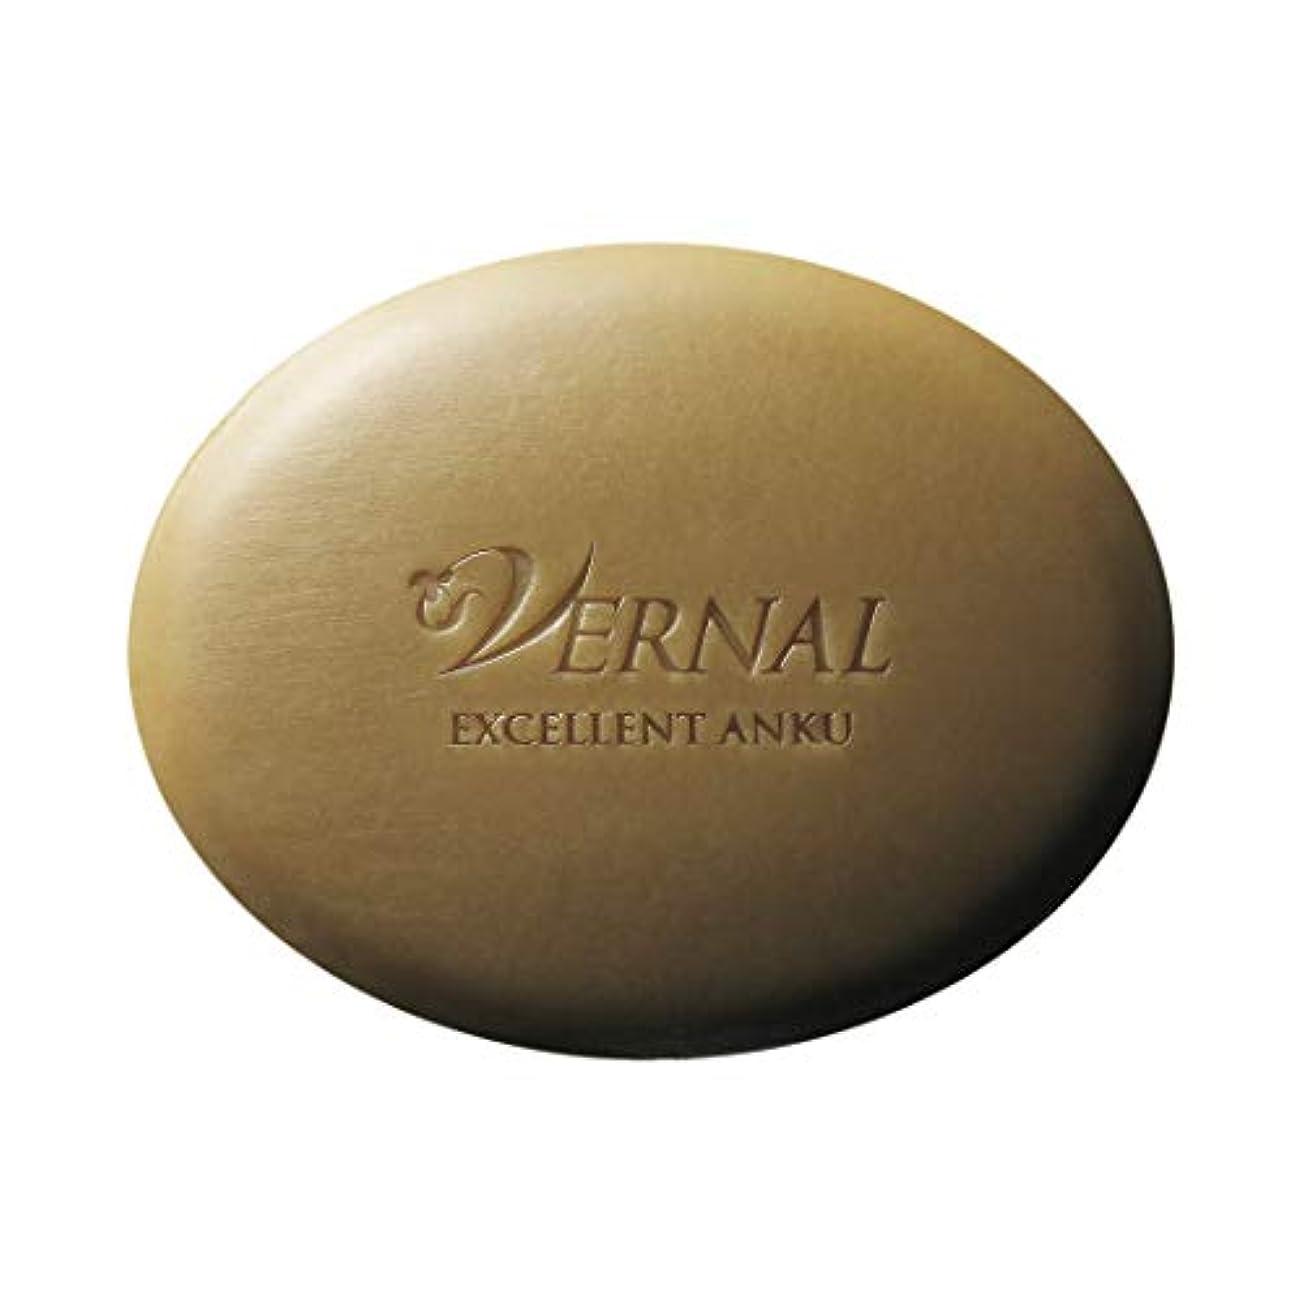 補充壮大誇りエクセレントアンク110g/ヴァーナル 洗顔石鹸 クレンジング石鹸